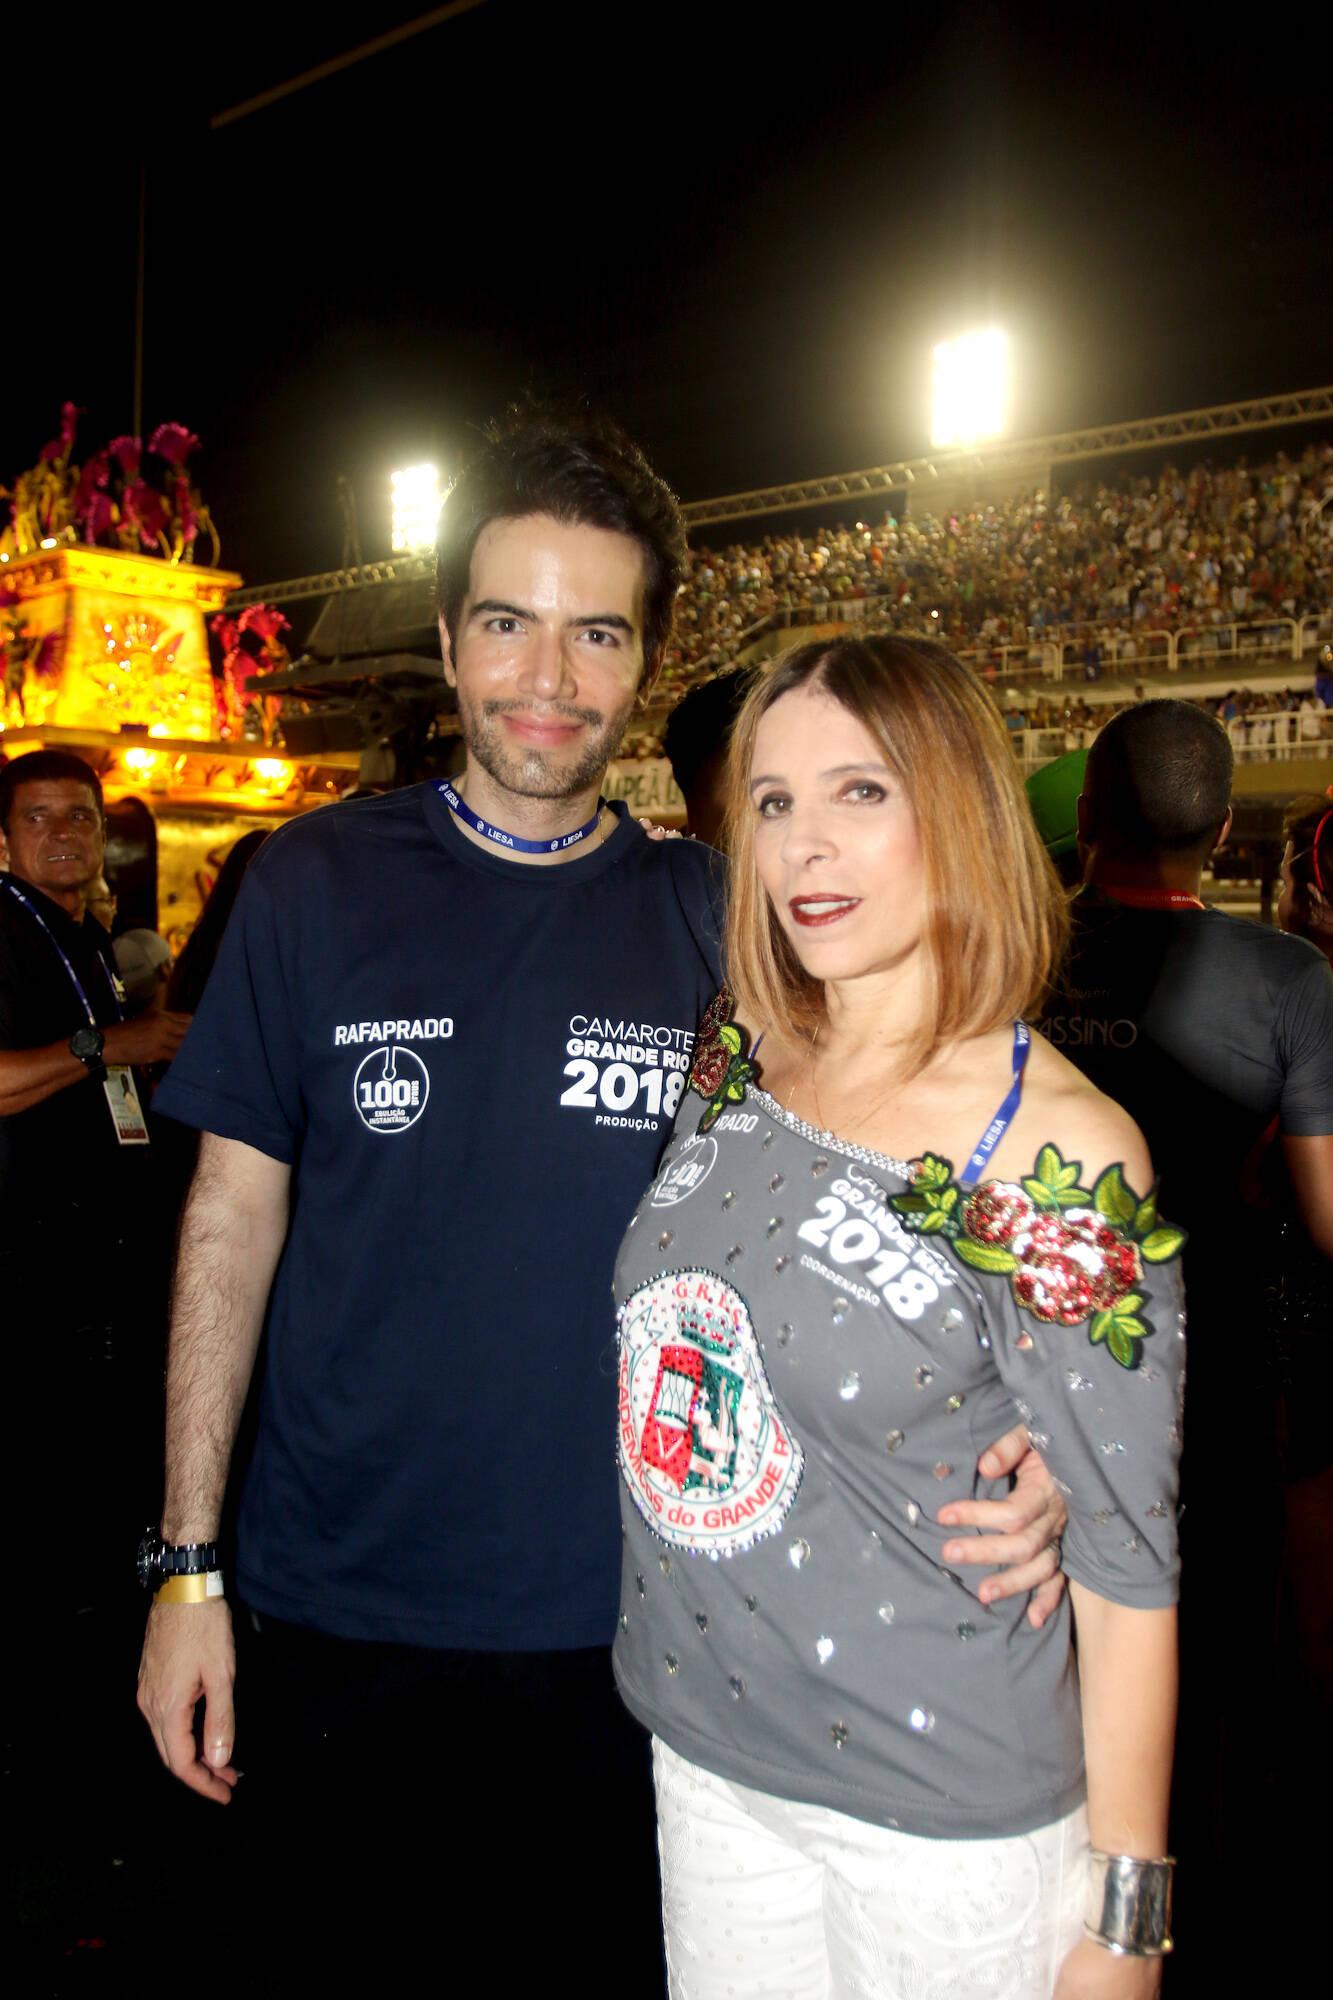 Luiz Fernando Coutinho e Liege Monteiro no Camarote Grande Rio na última segunda-feira (12), no Rio. Foto: eny miranda